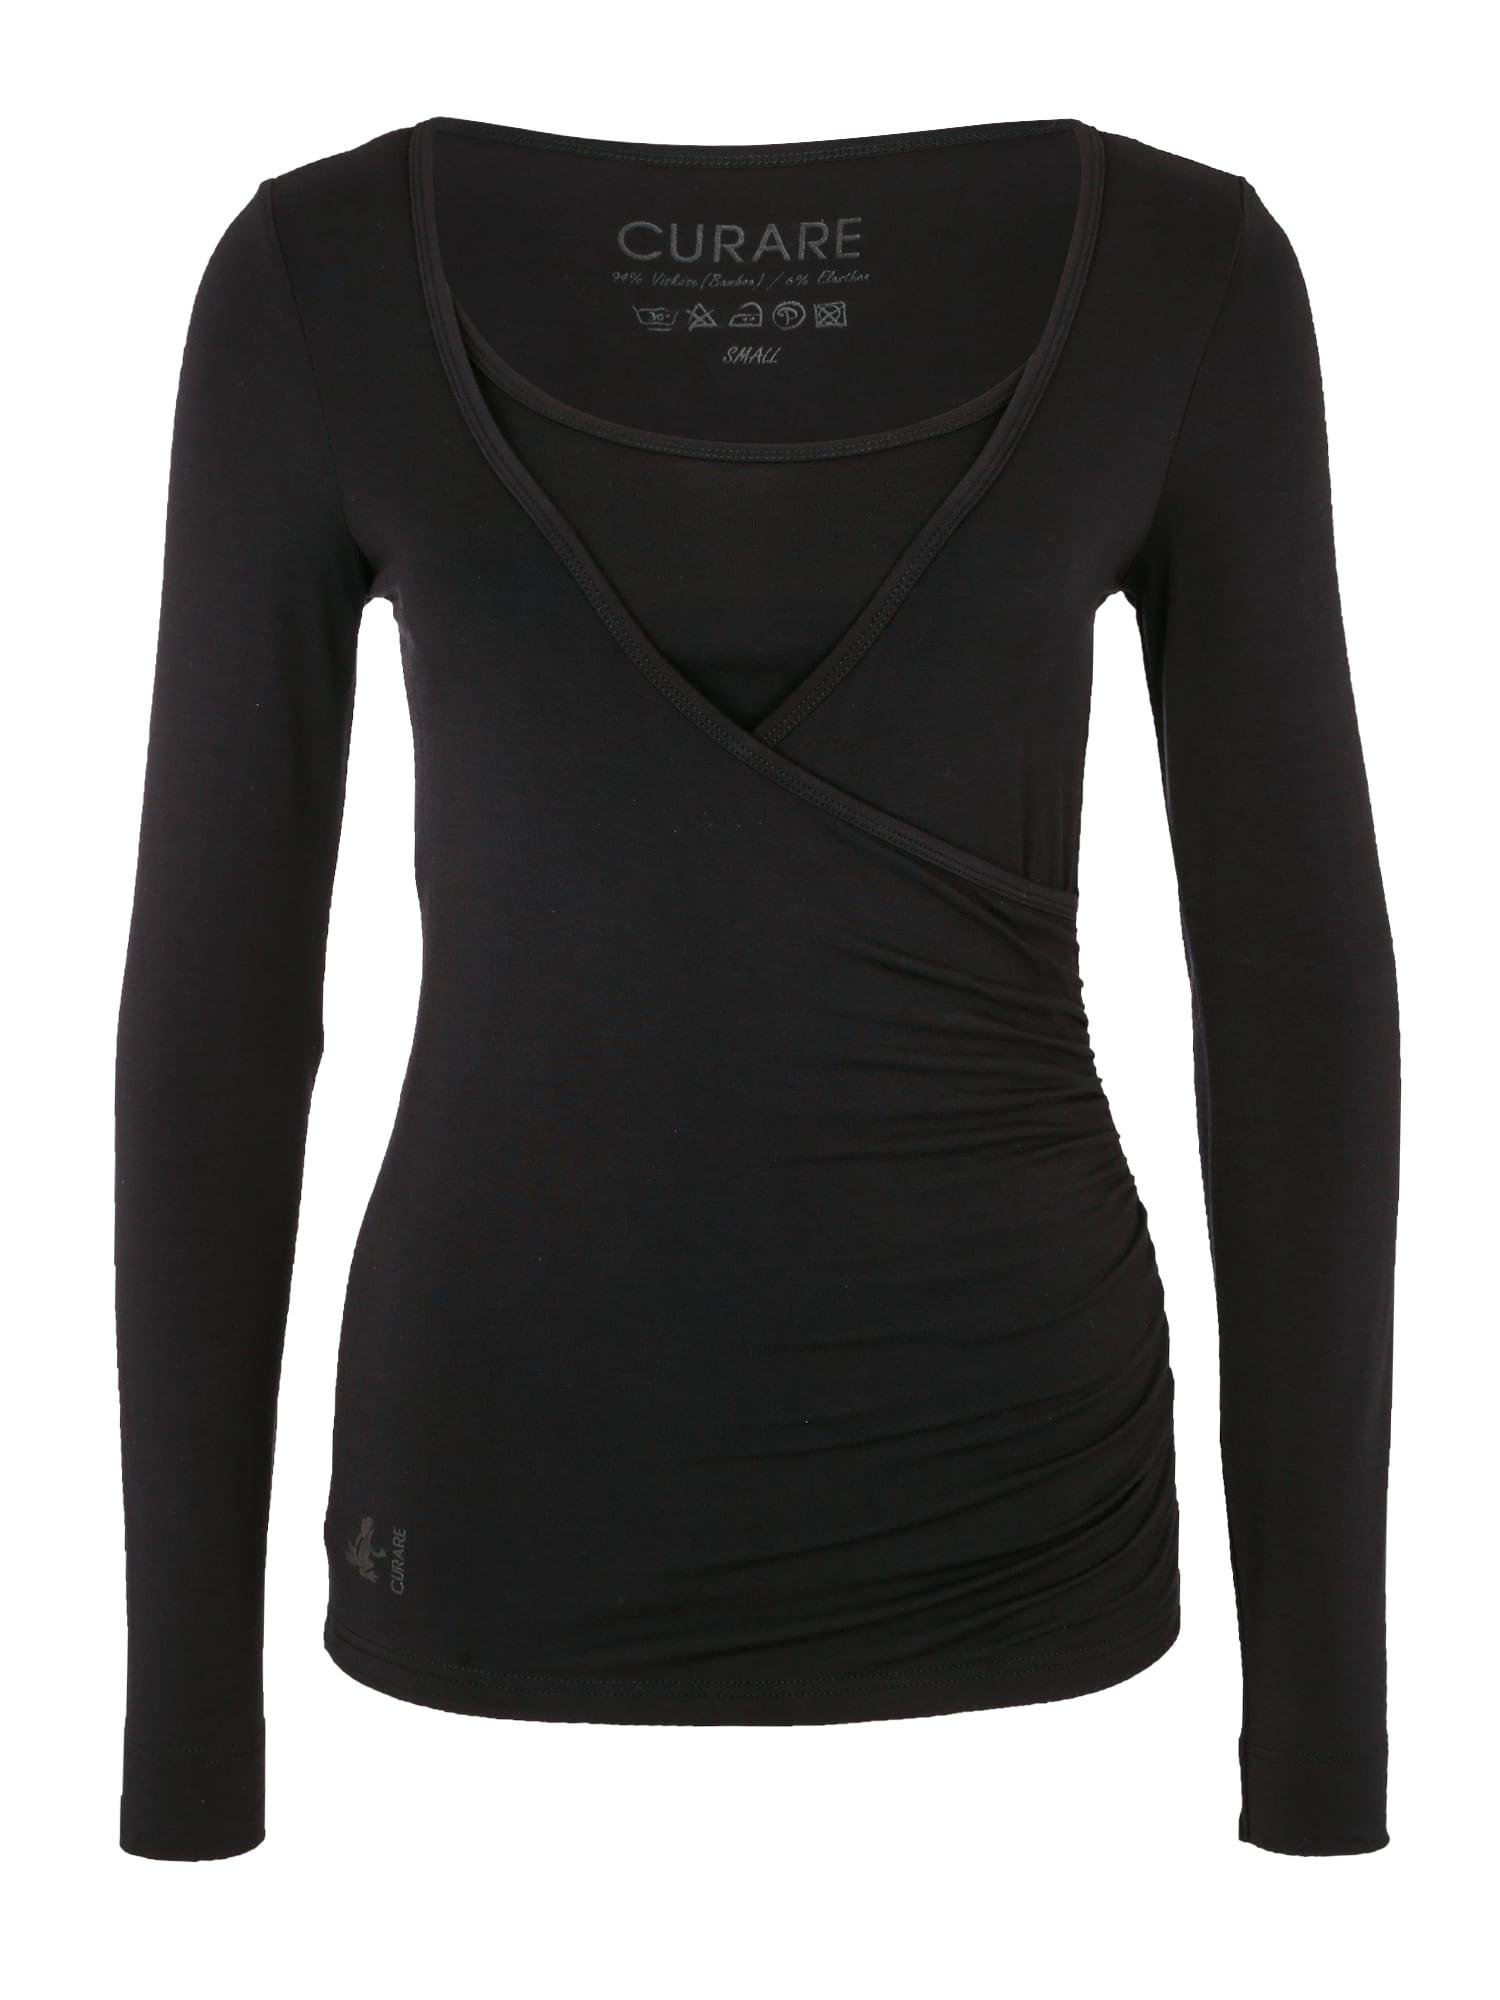 CURARE Yogawear Sportiniai marškinėliai